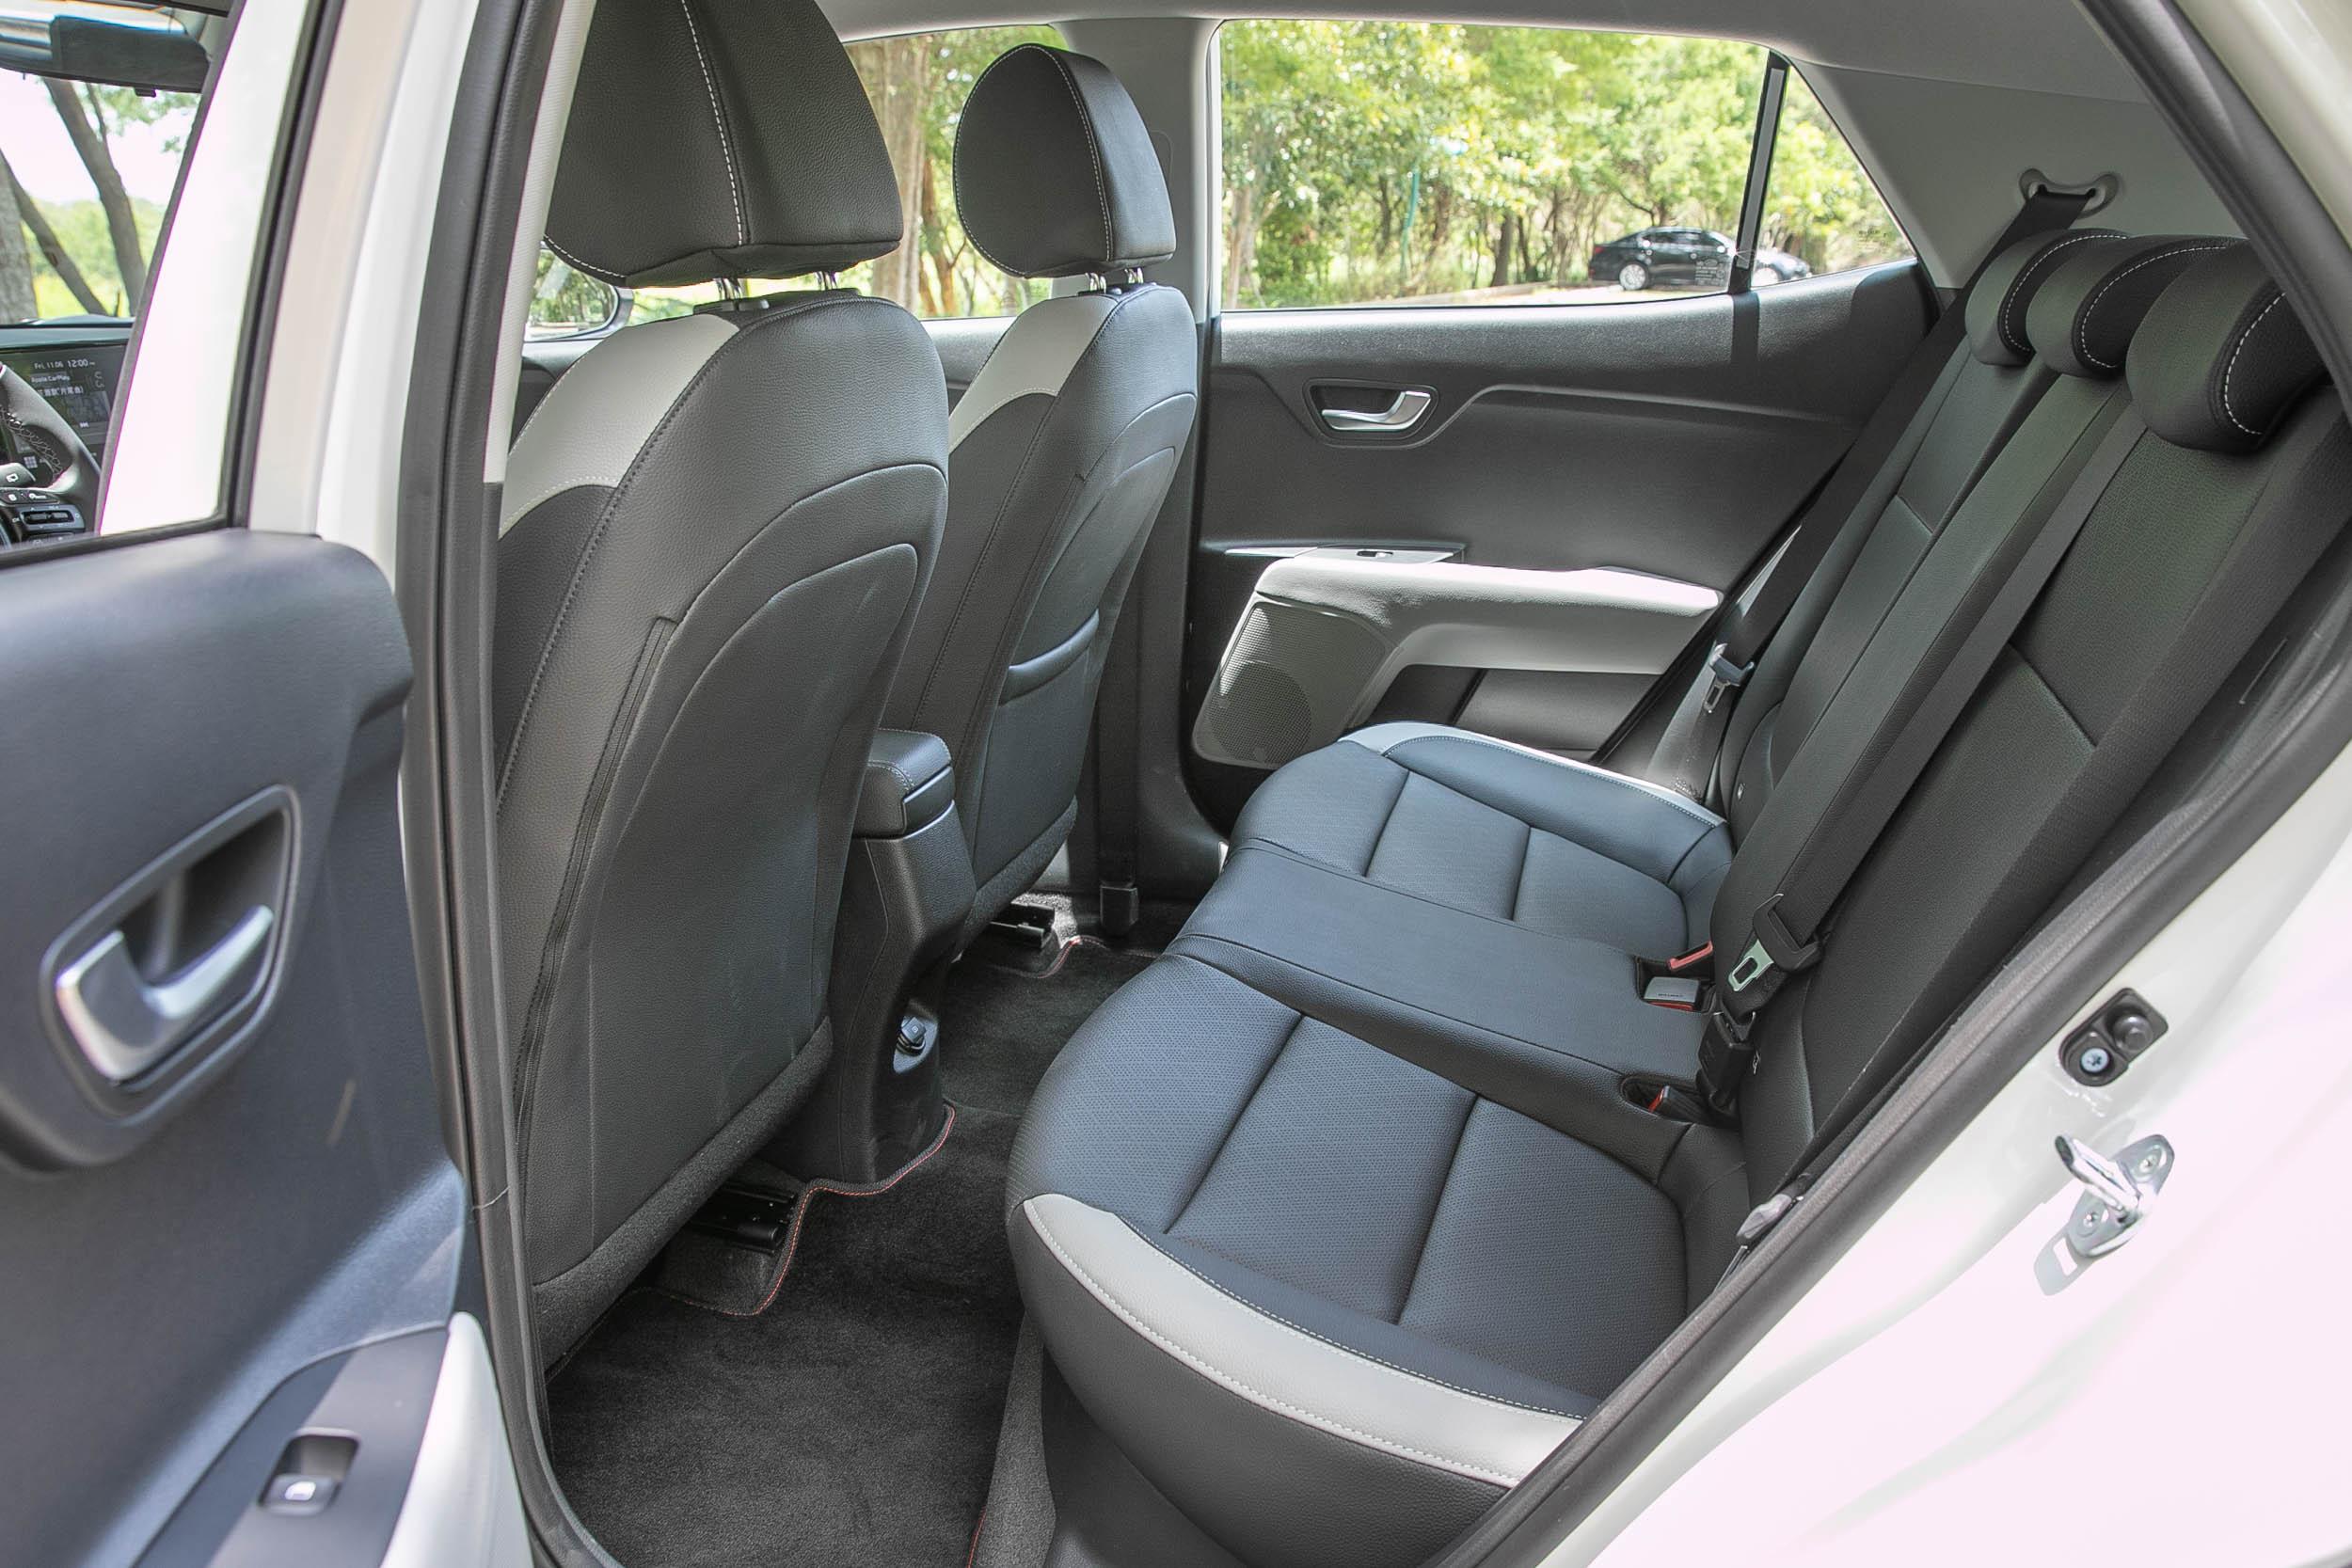 2580mm 軸距在同級中雖然不算長,但透過得宜的座椅設計,與腰線安排,後座的乘坐性挺舒適,沒有過於侷促的不適感。